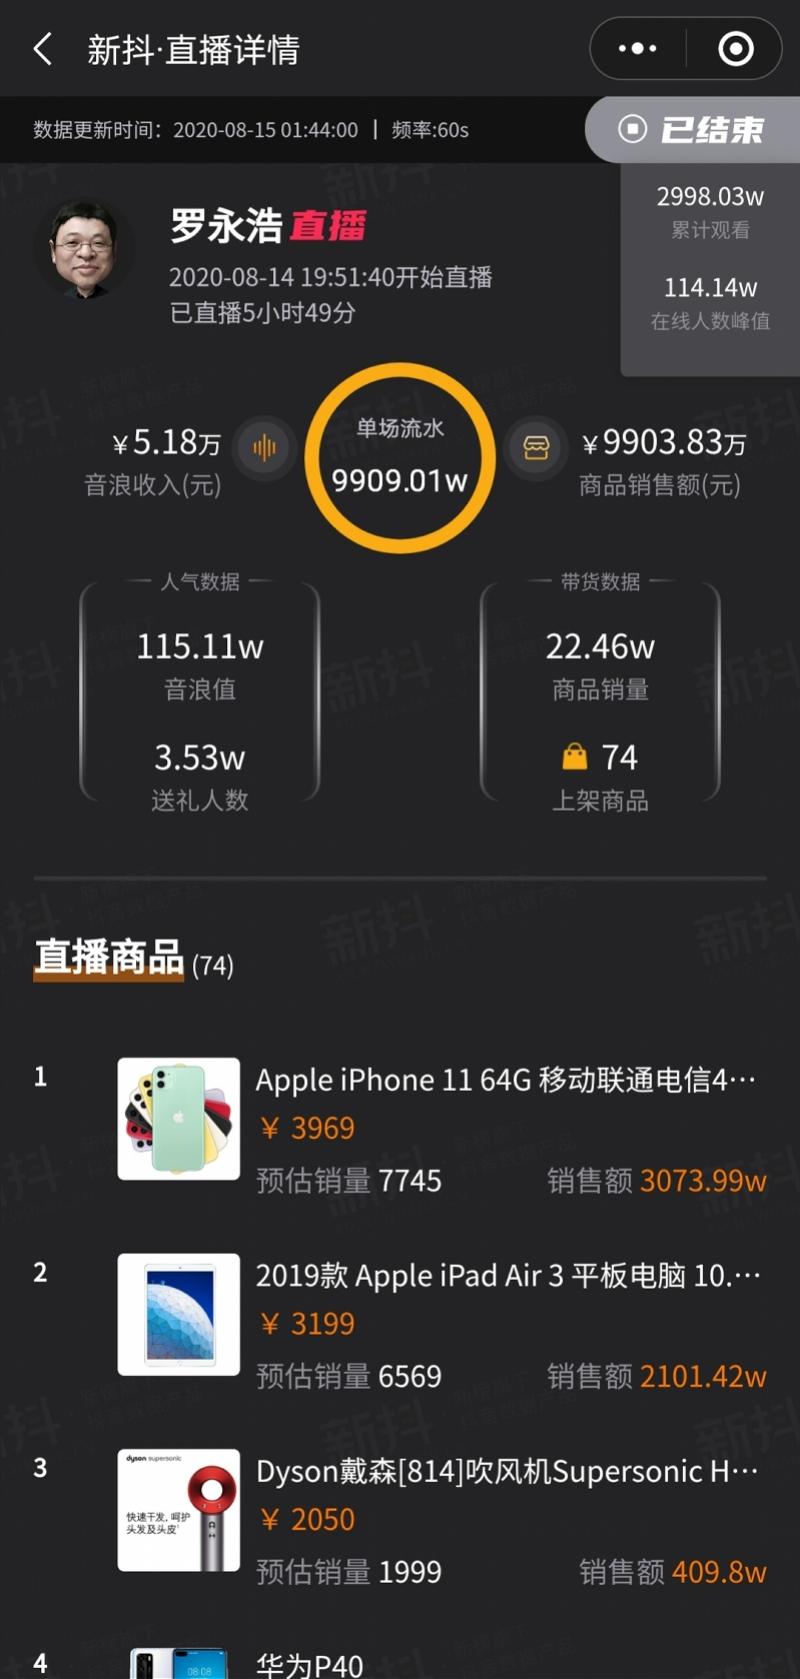 雷军抖音直播首秀预估带货超1亿元 猎豹CEO傅盛打赏了2万多